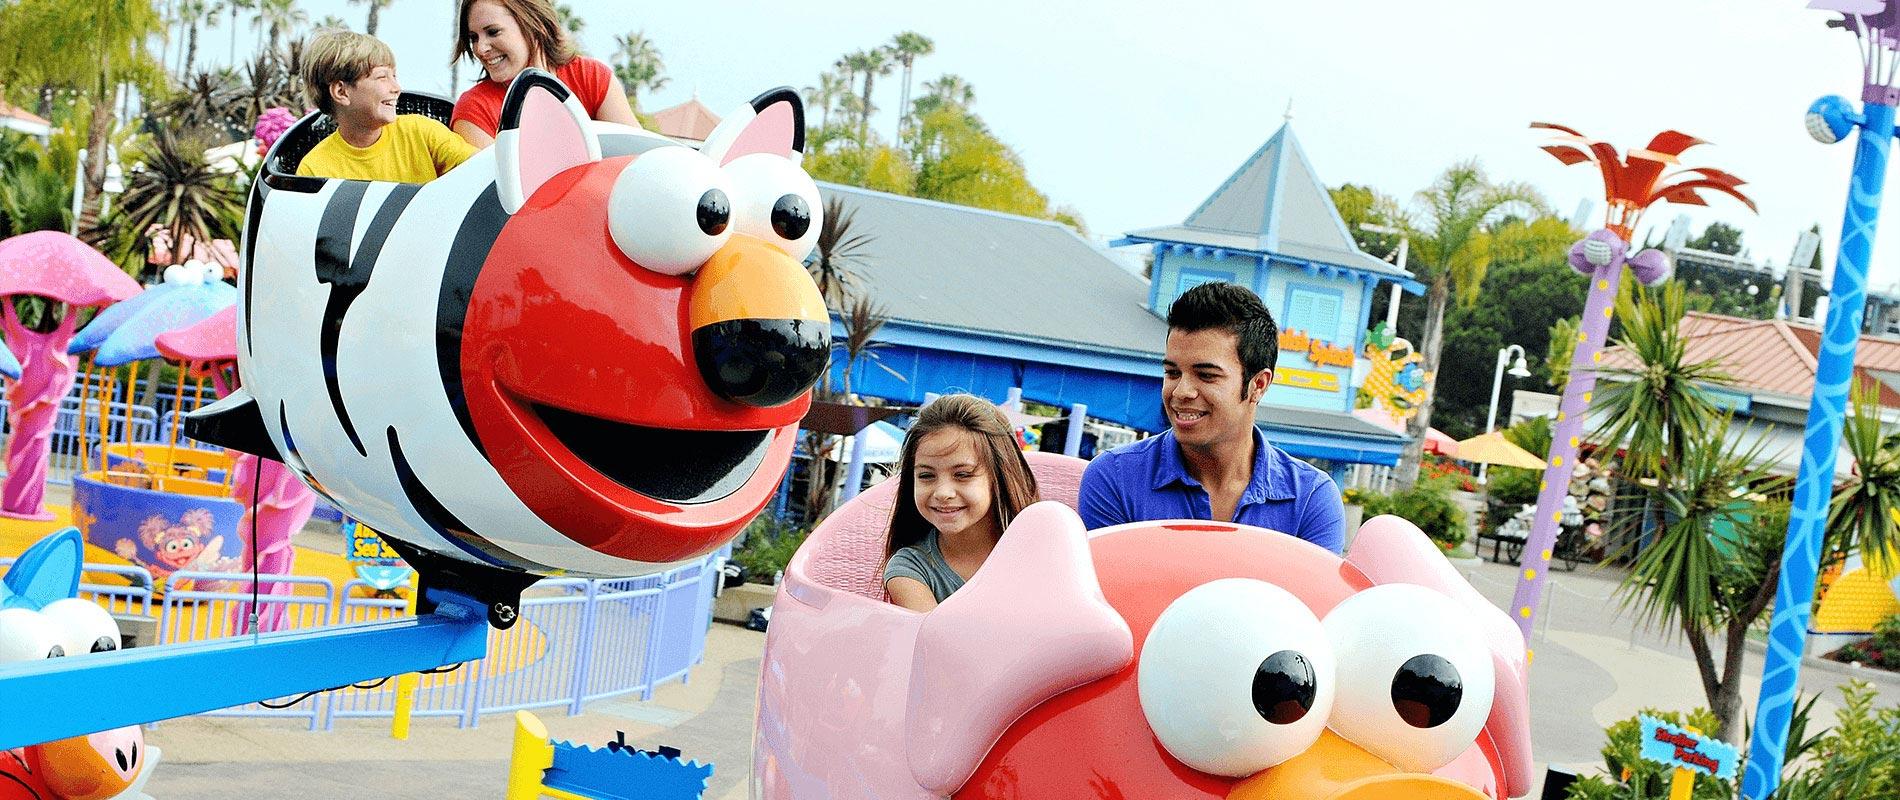 Elmo's Flying Fish